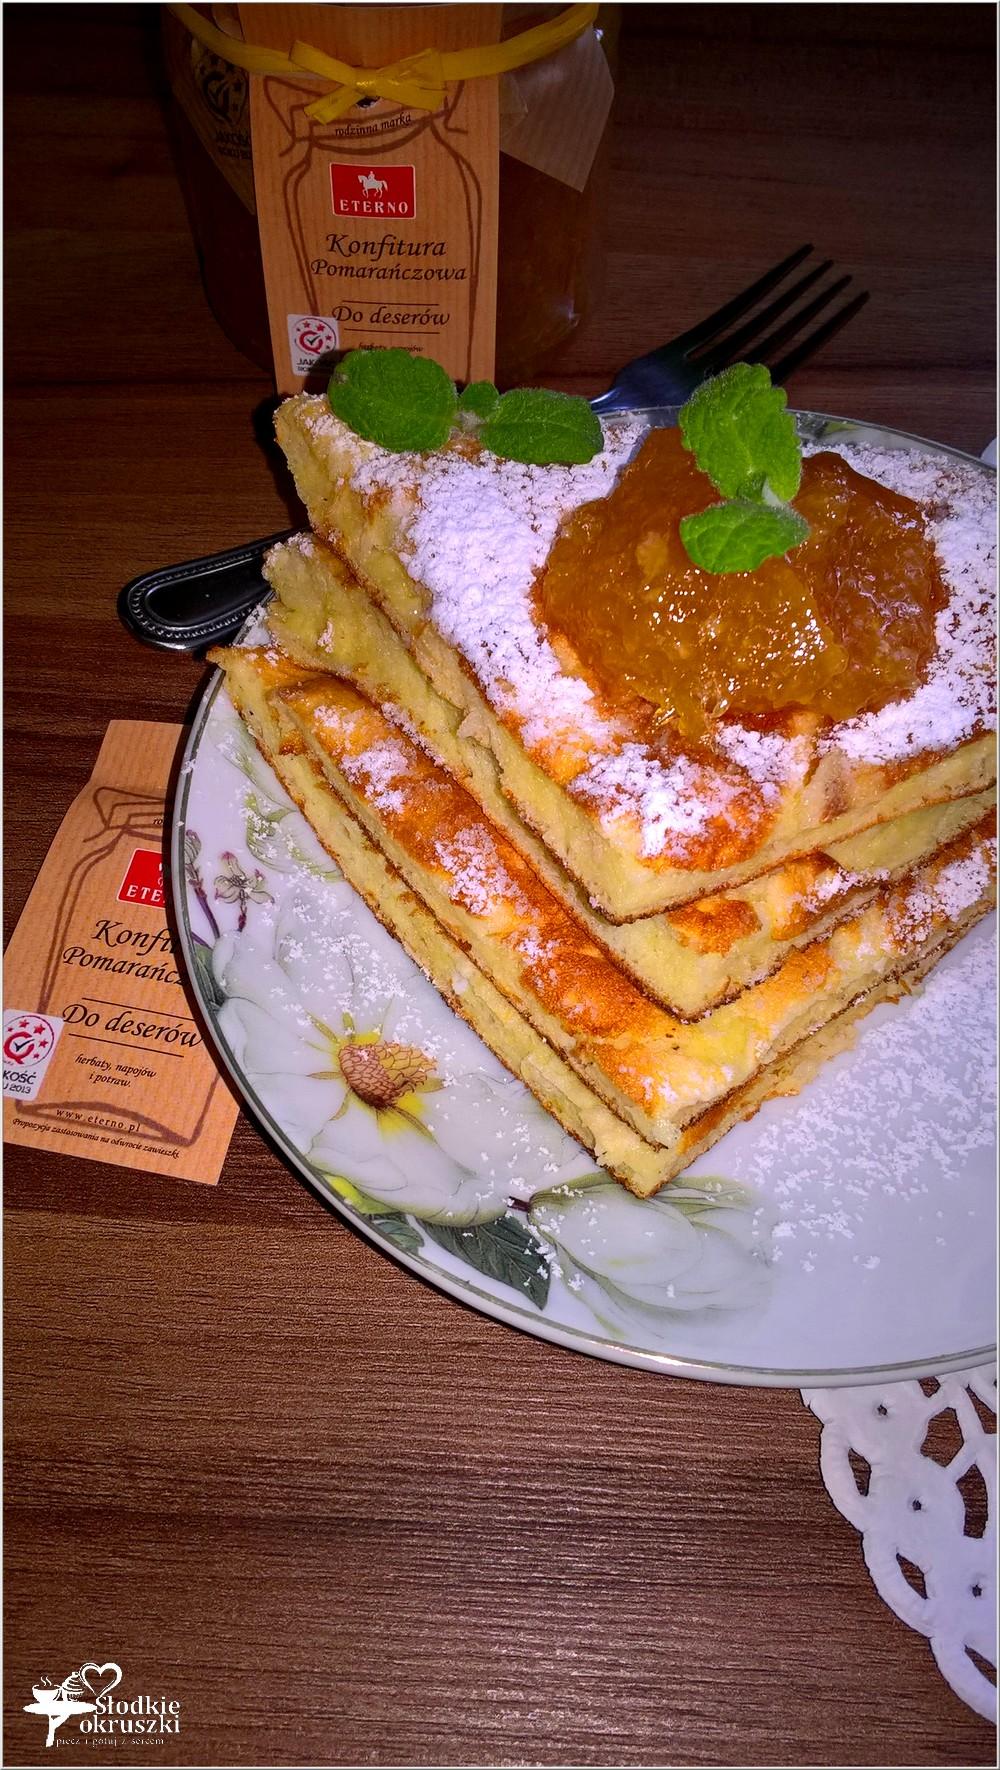 Waniliowo-serowy omlet z konfiturą pomarańczową (2)